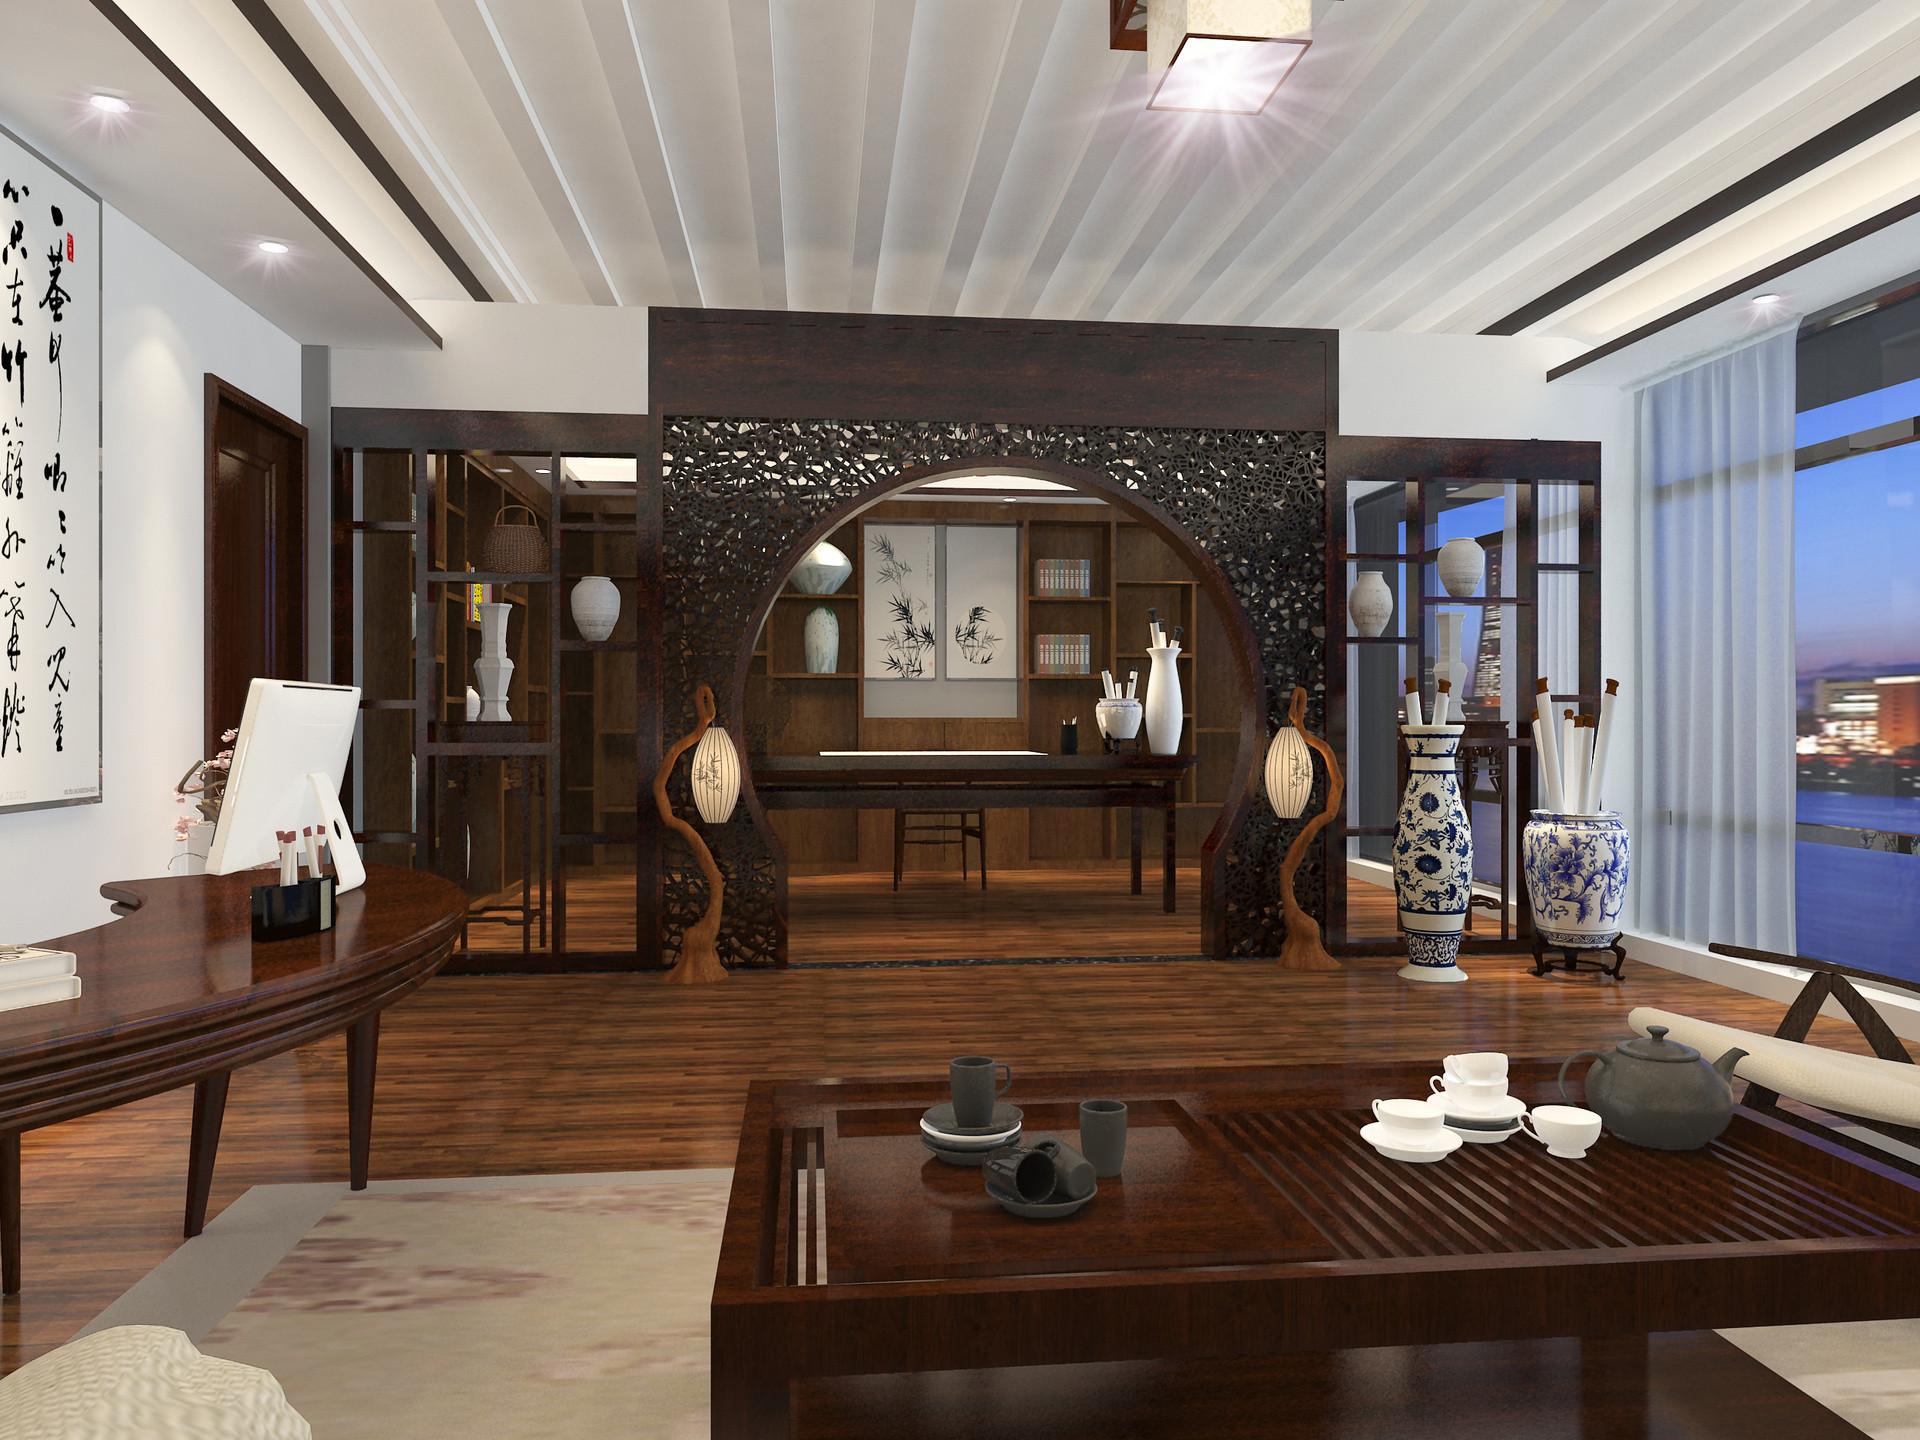 中式别墅装修书房镂空隔断设计